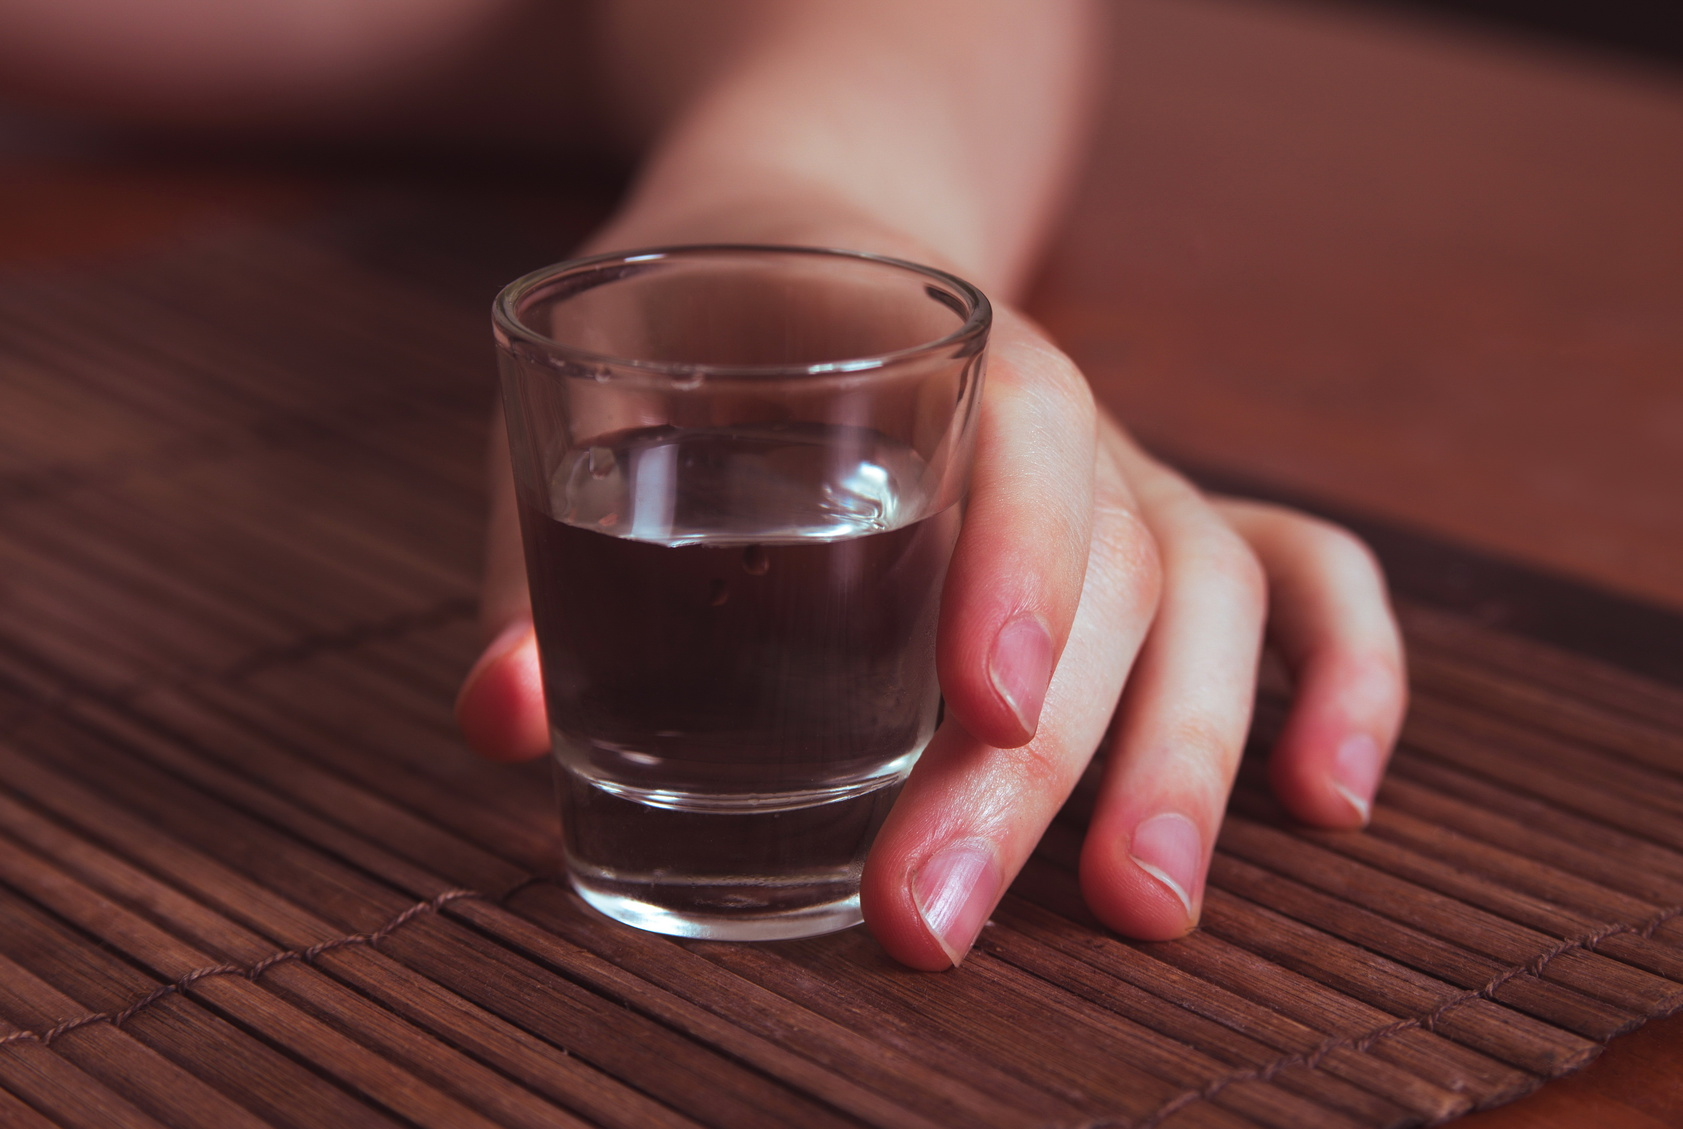 Народные средства от алкоголизма: лечение алкогольной зависимости народными методами